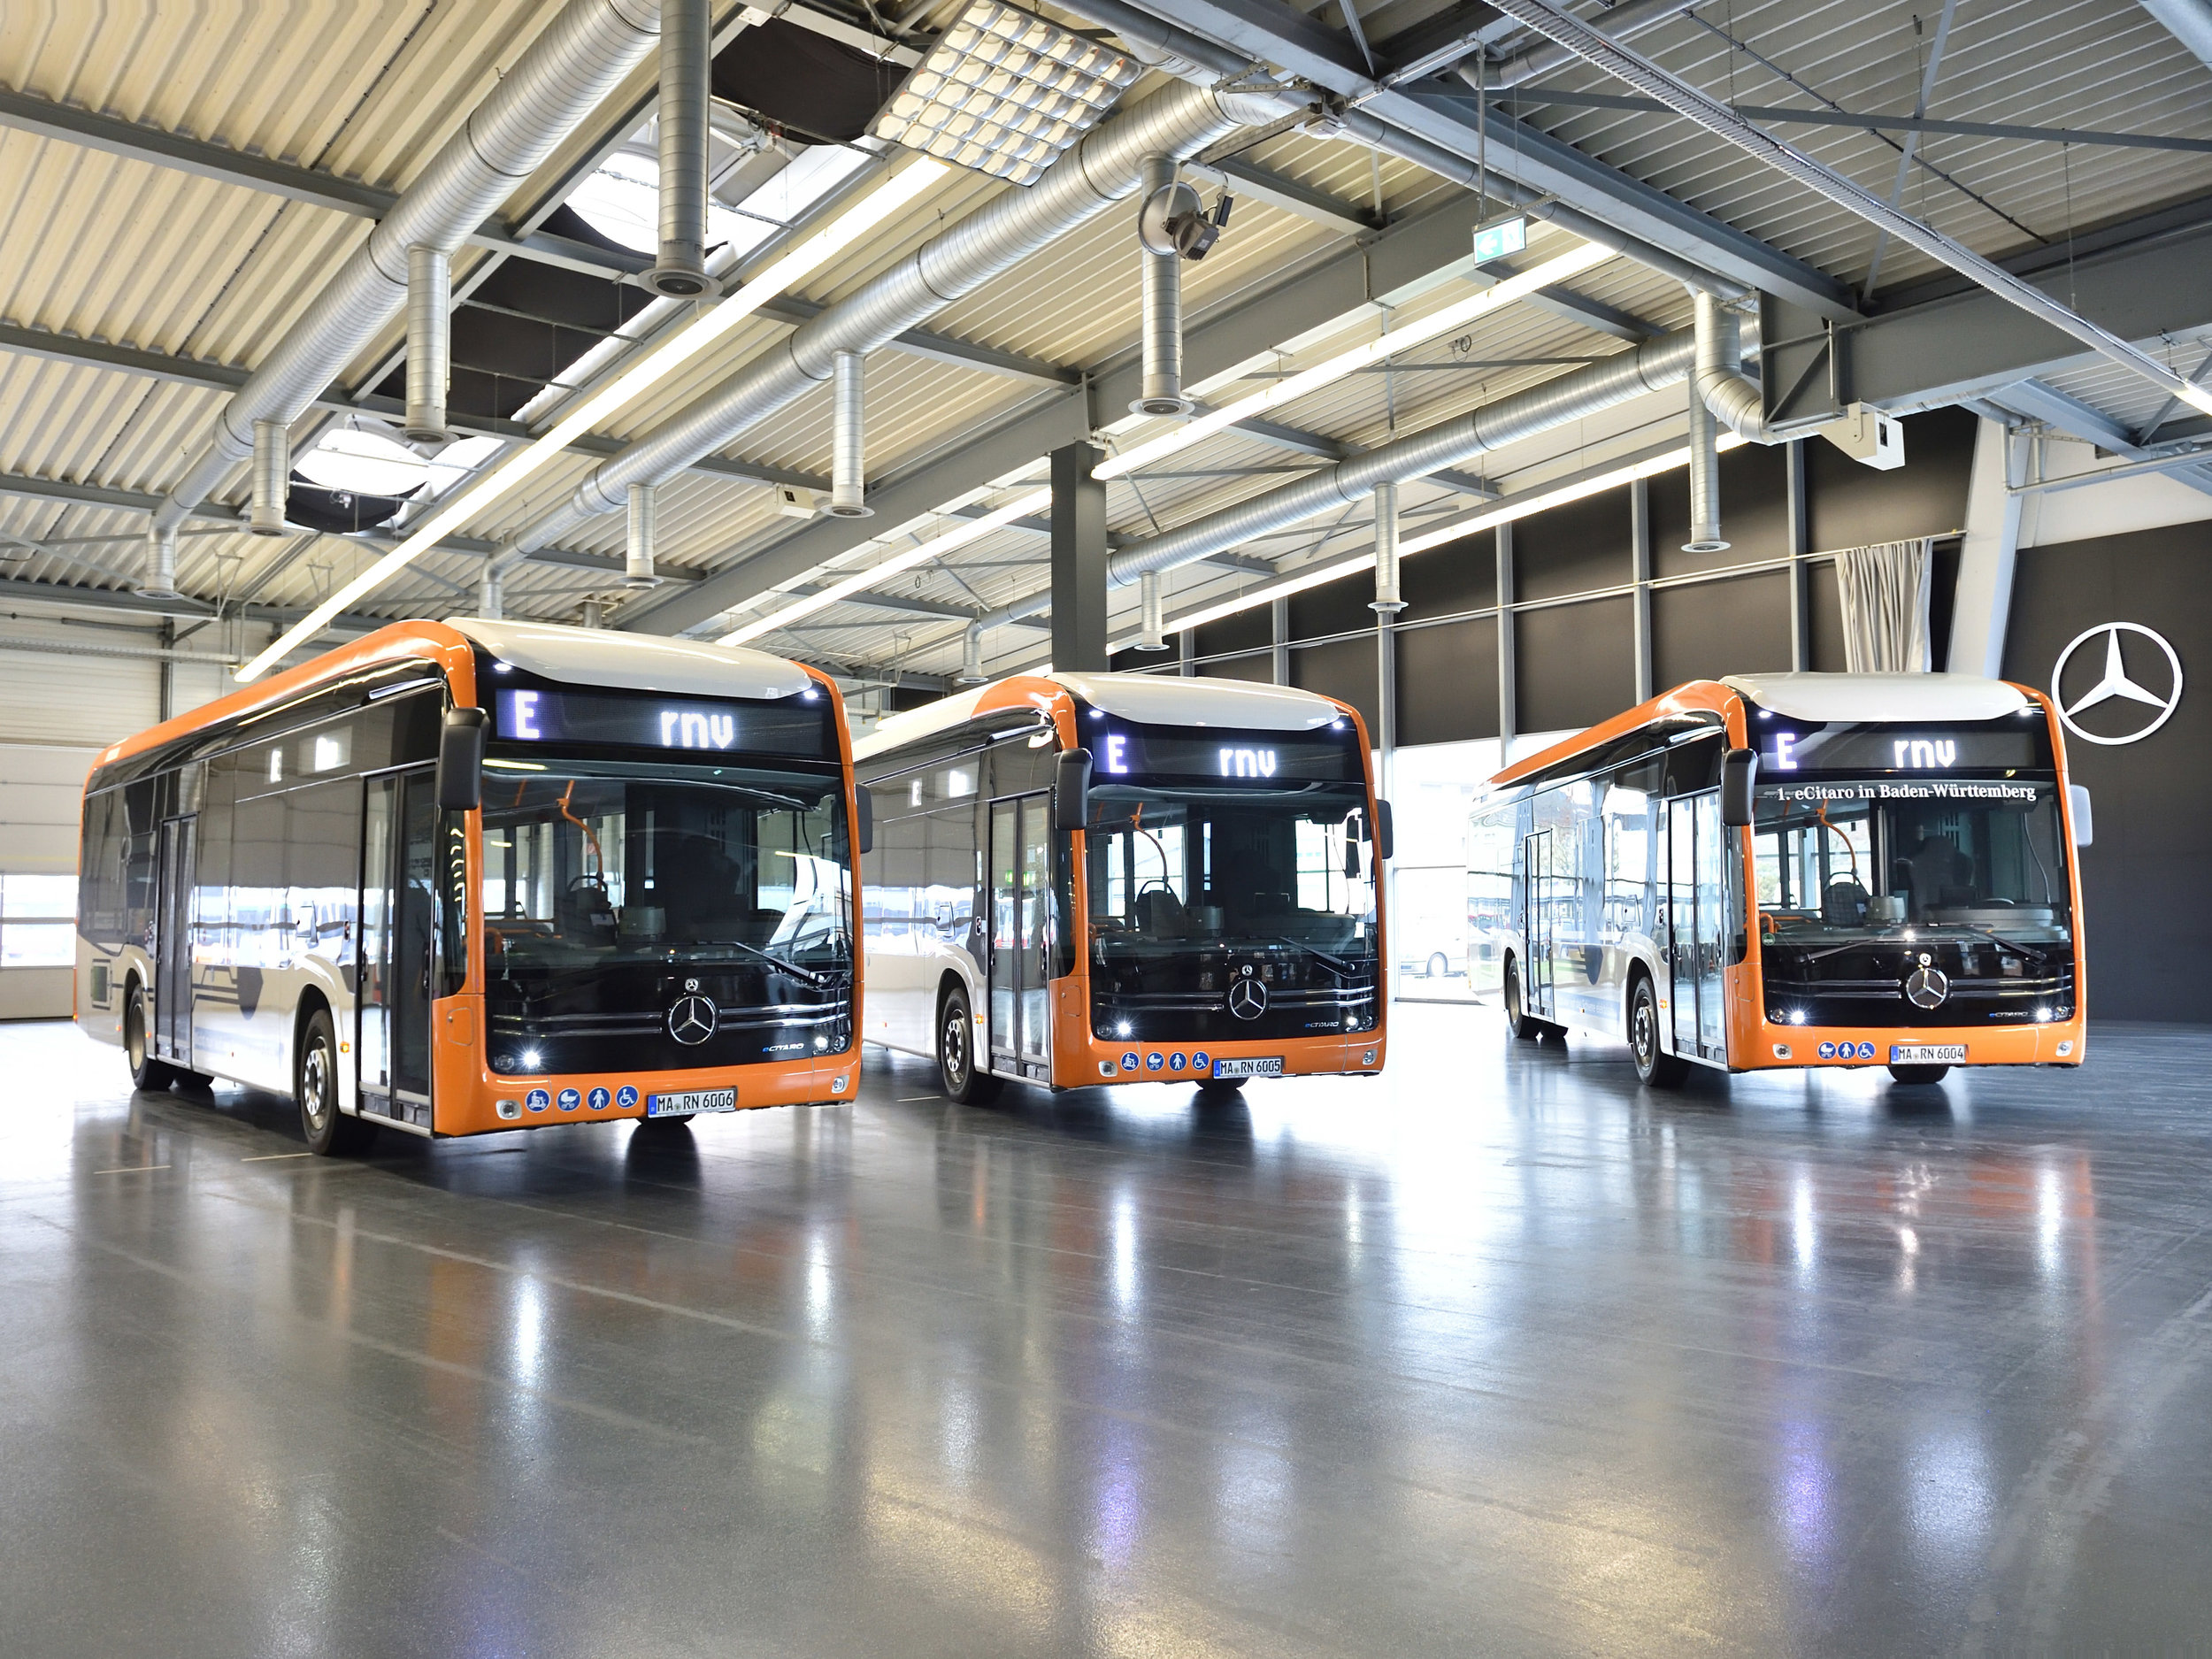 Trojice elektrobusů eCitaro pro RNV. (zdroj: RNV)